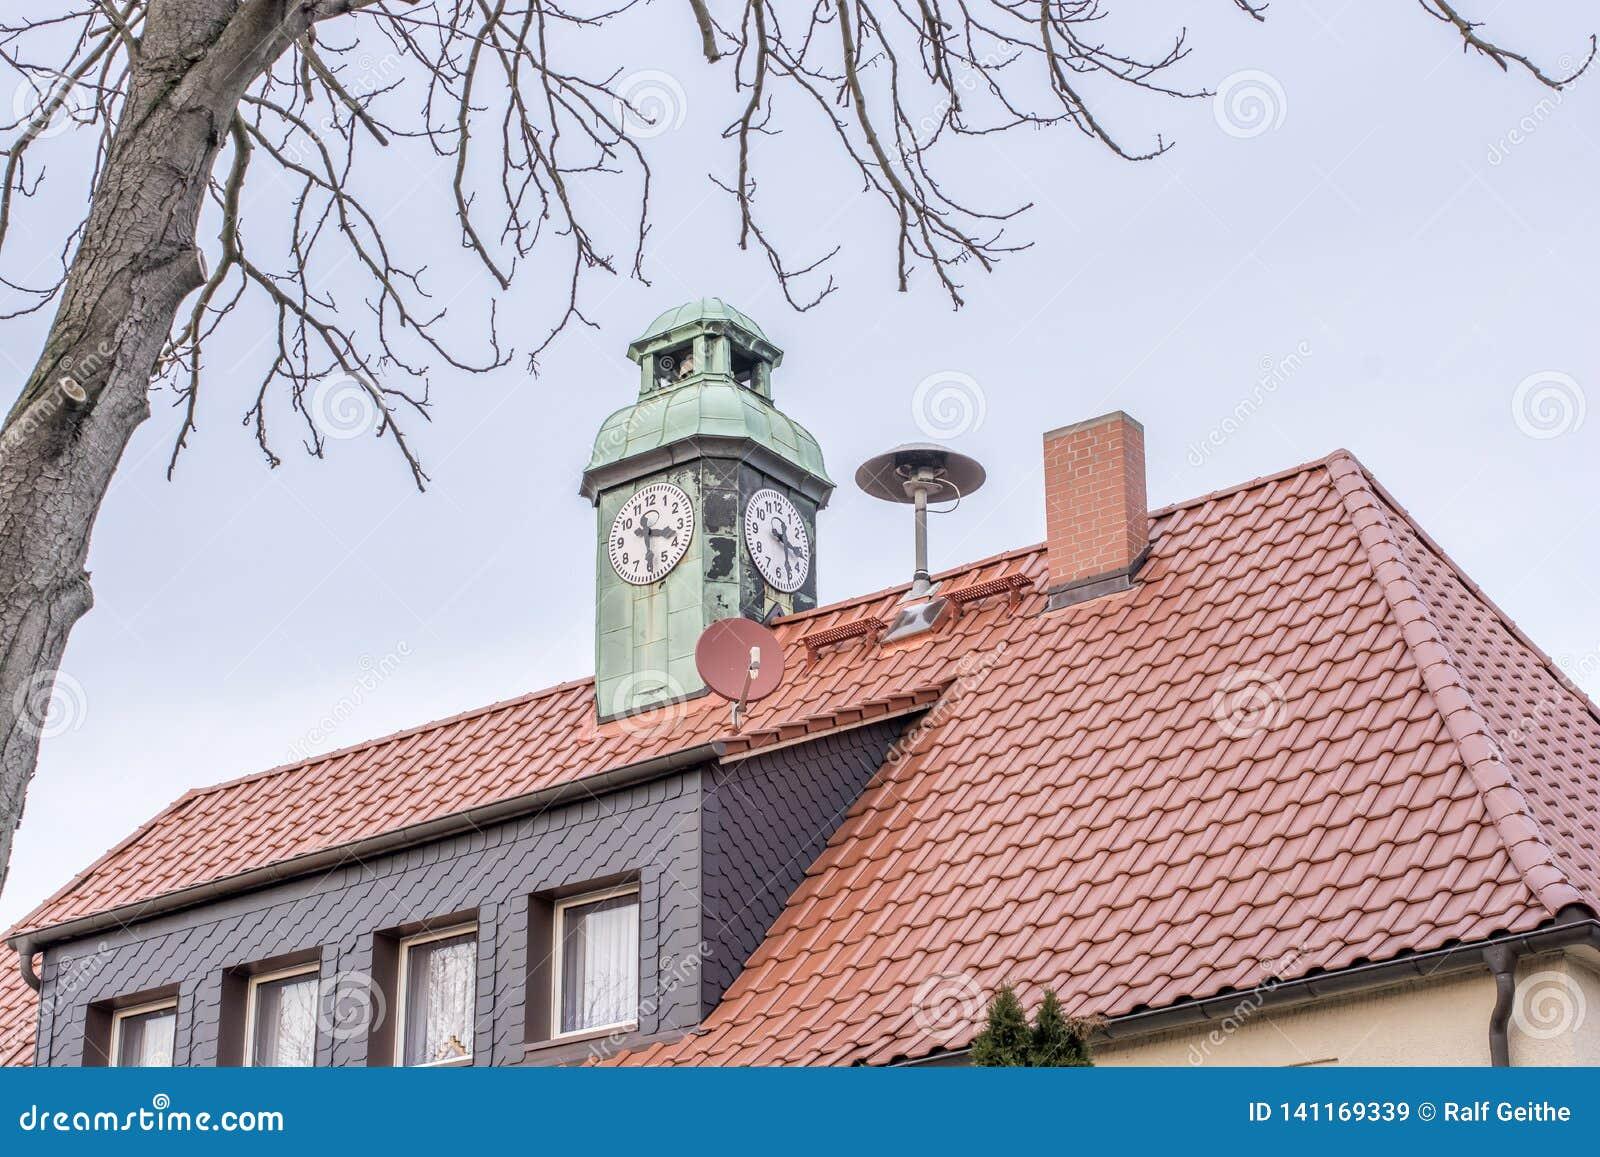 Huis met klokketoren en sirene van het lokale brandweerkorps op het dak